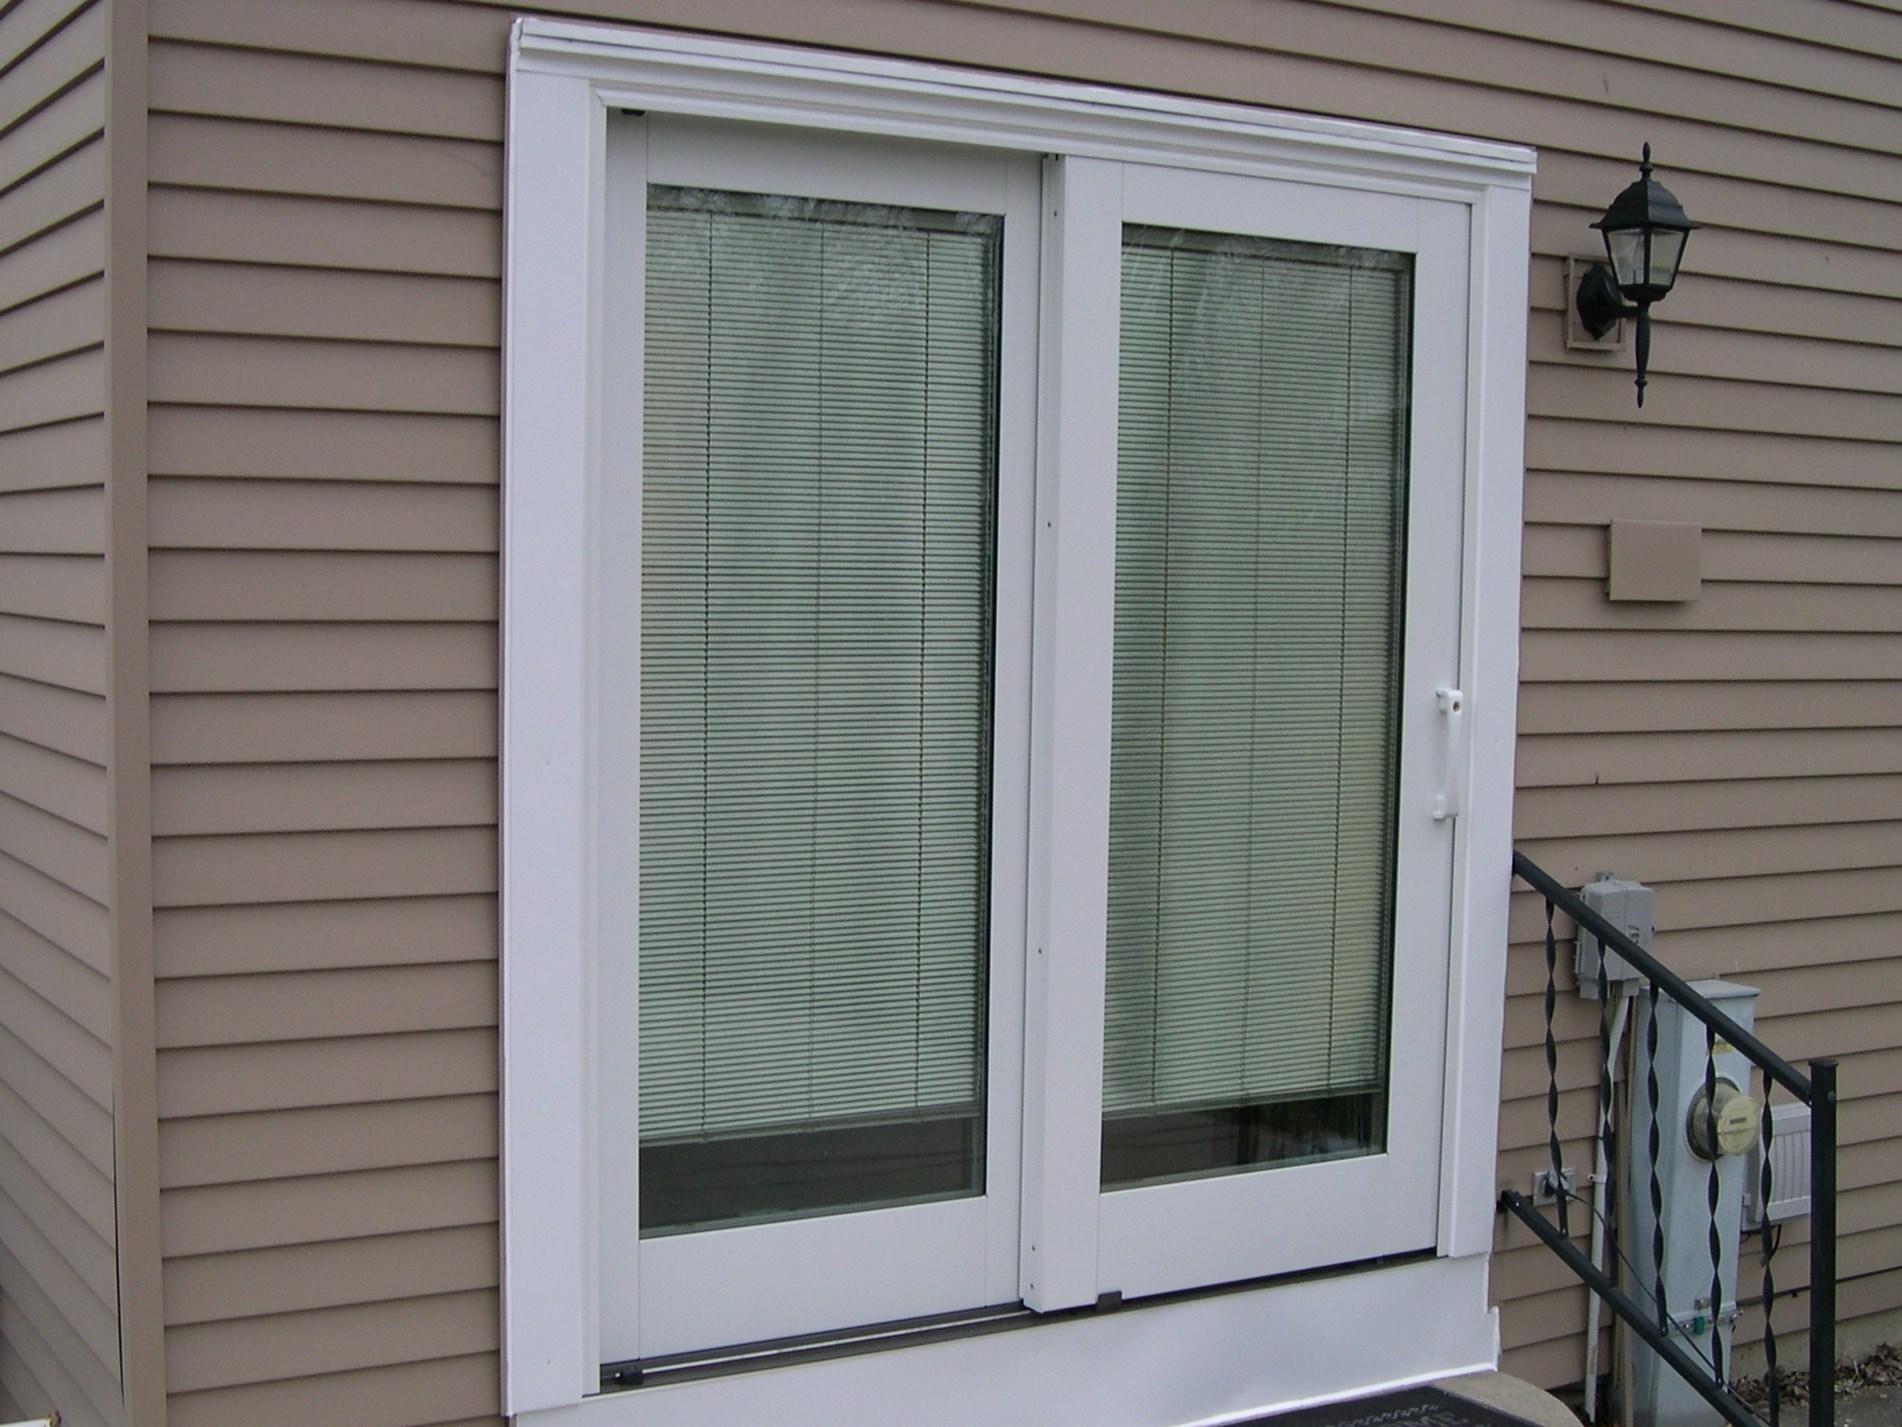 Pella Vinyl Sliding Patio Door With Blindsdoor inspiring back door design ideas with pella sliding doors